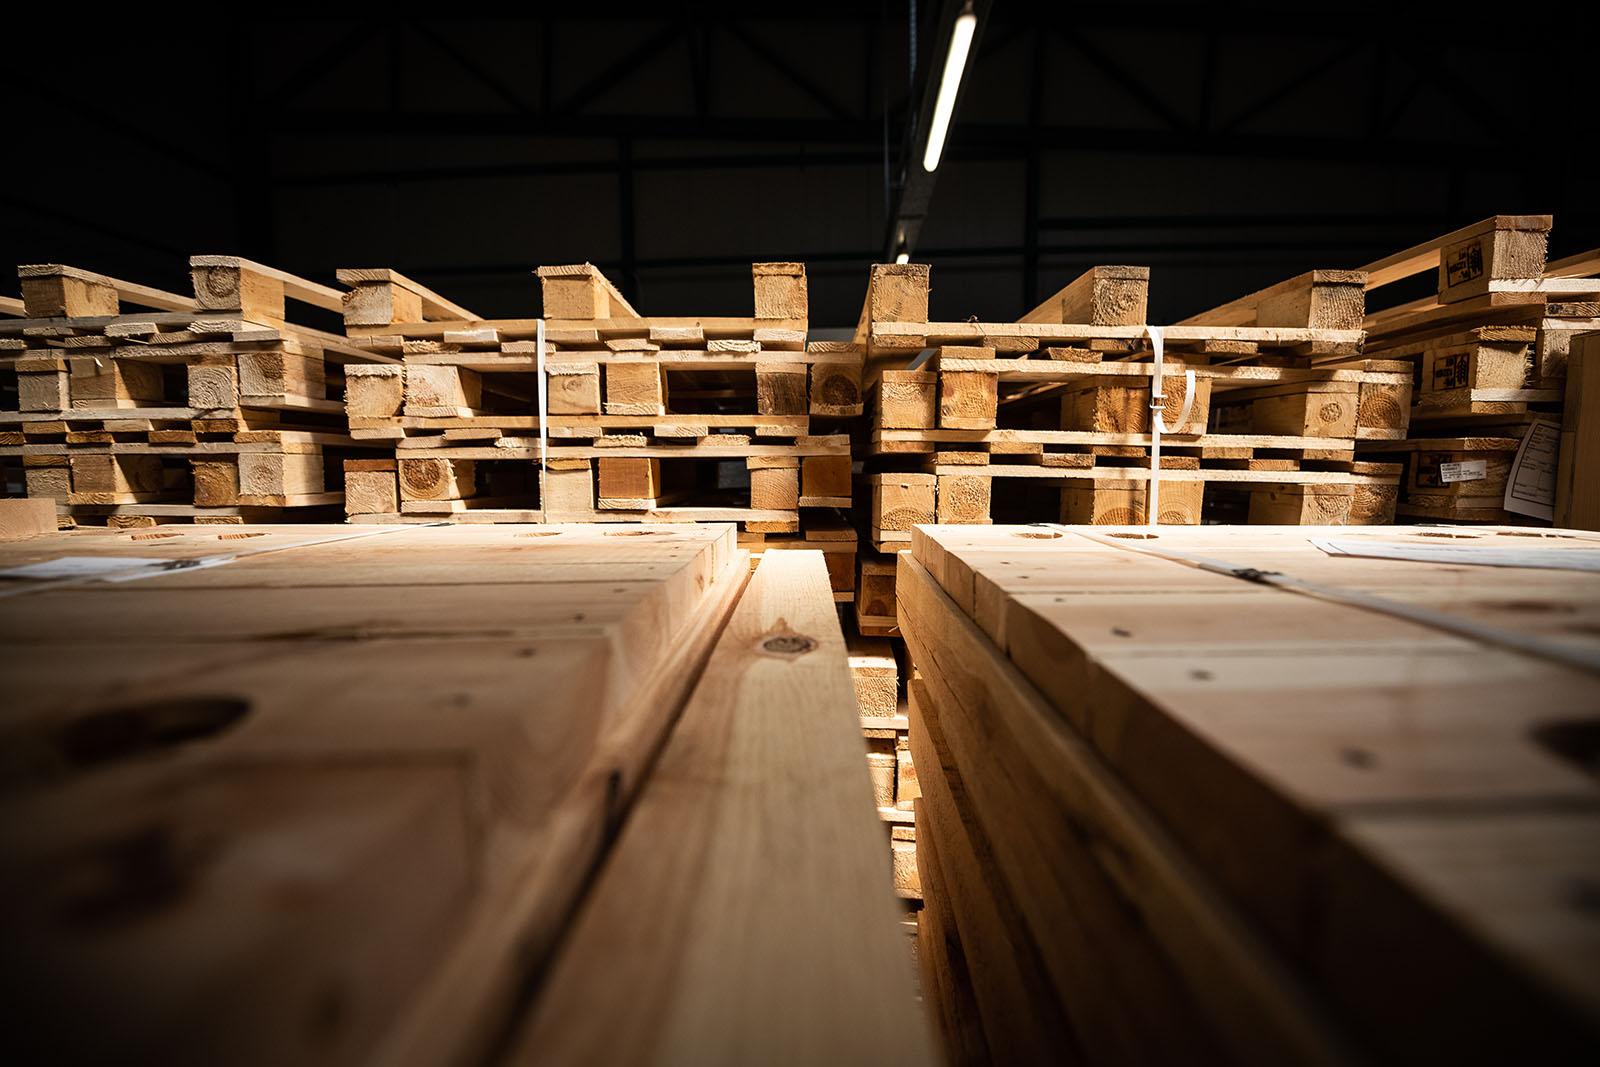 Har du överblivna pallar du inte använder? Sälj din lastpall till oss! Eftersom vi både köper, säljer och reparerar all typ av lastpall kan vi även tillhandahålla ett stort lager med pallar för alla ändamål.